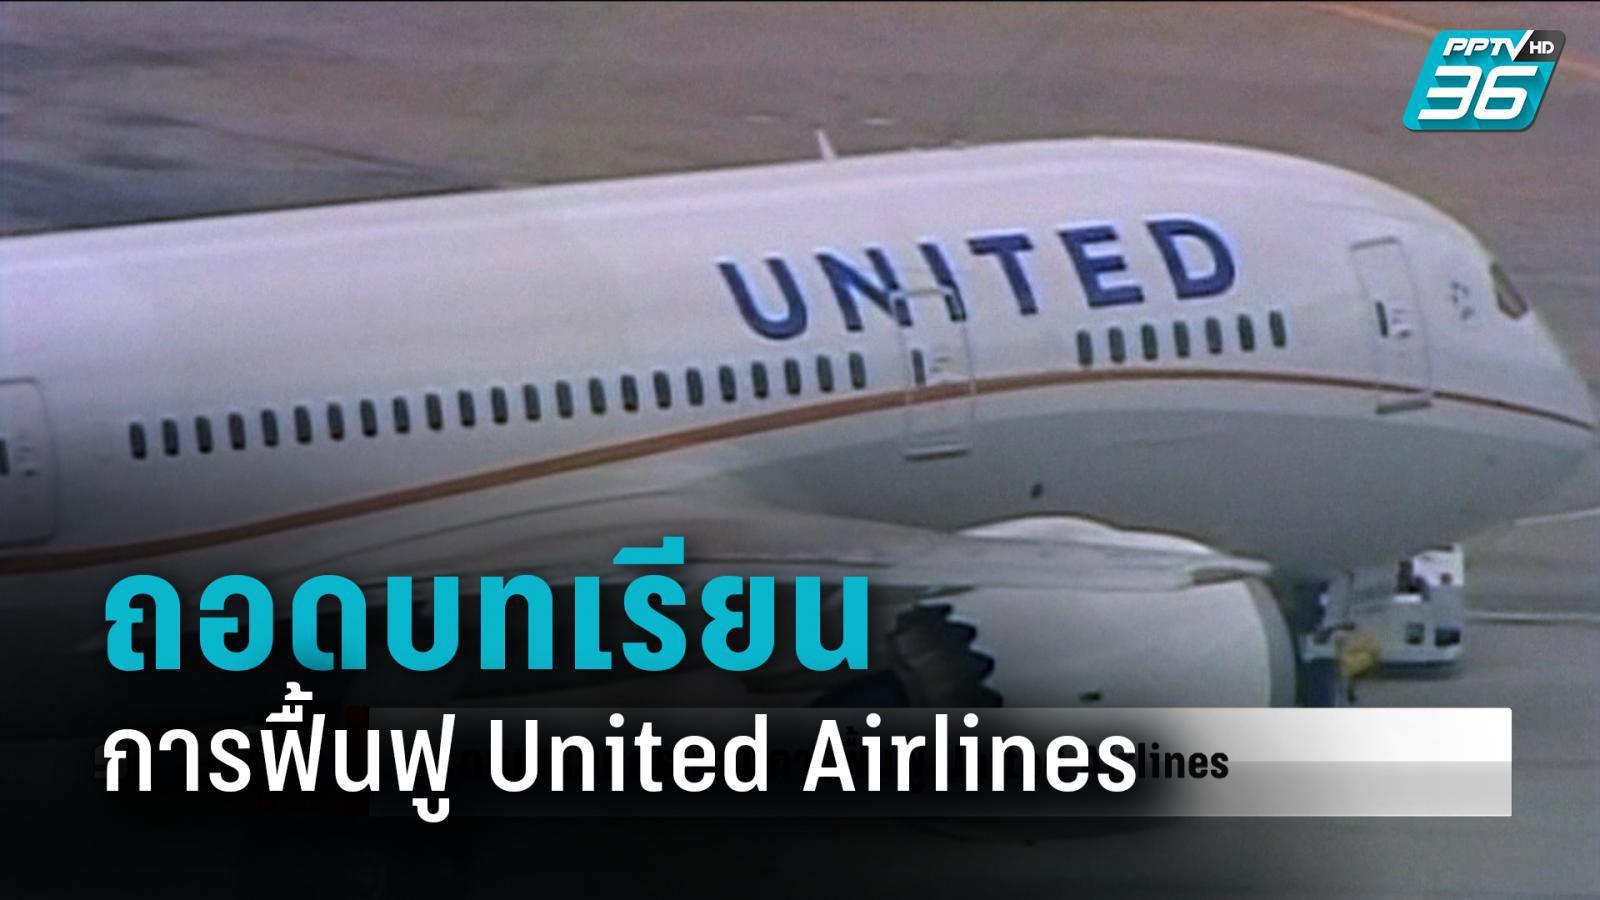 ถอดบทเรียนกระบวนการฟื้นฟู United Airlines